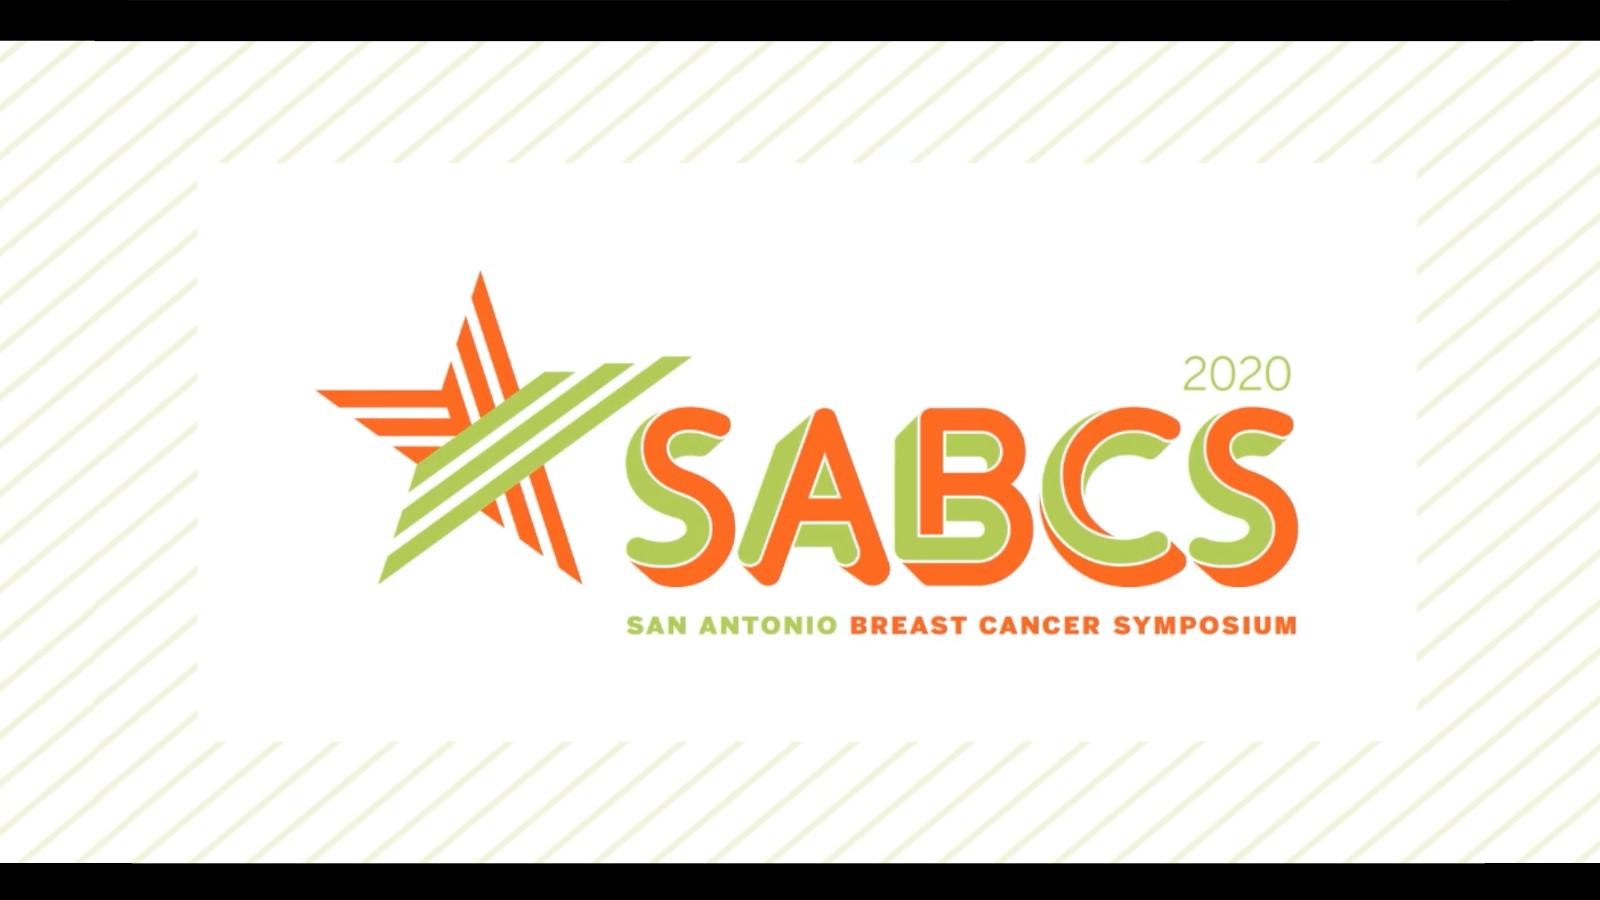 The SABCS Video Backdrop featuring the SABCS logo